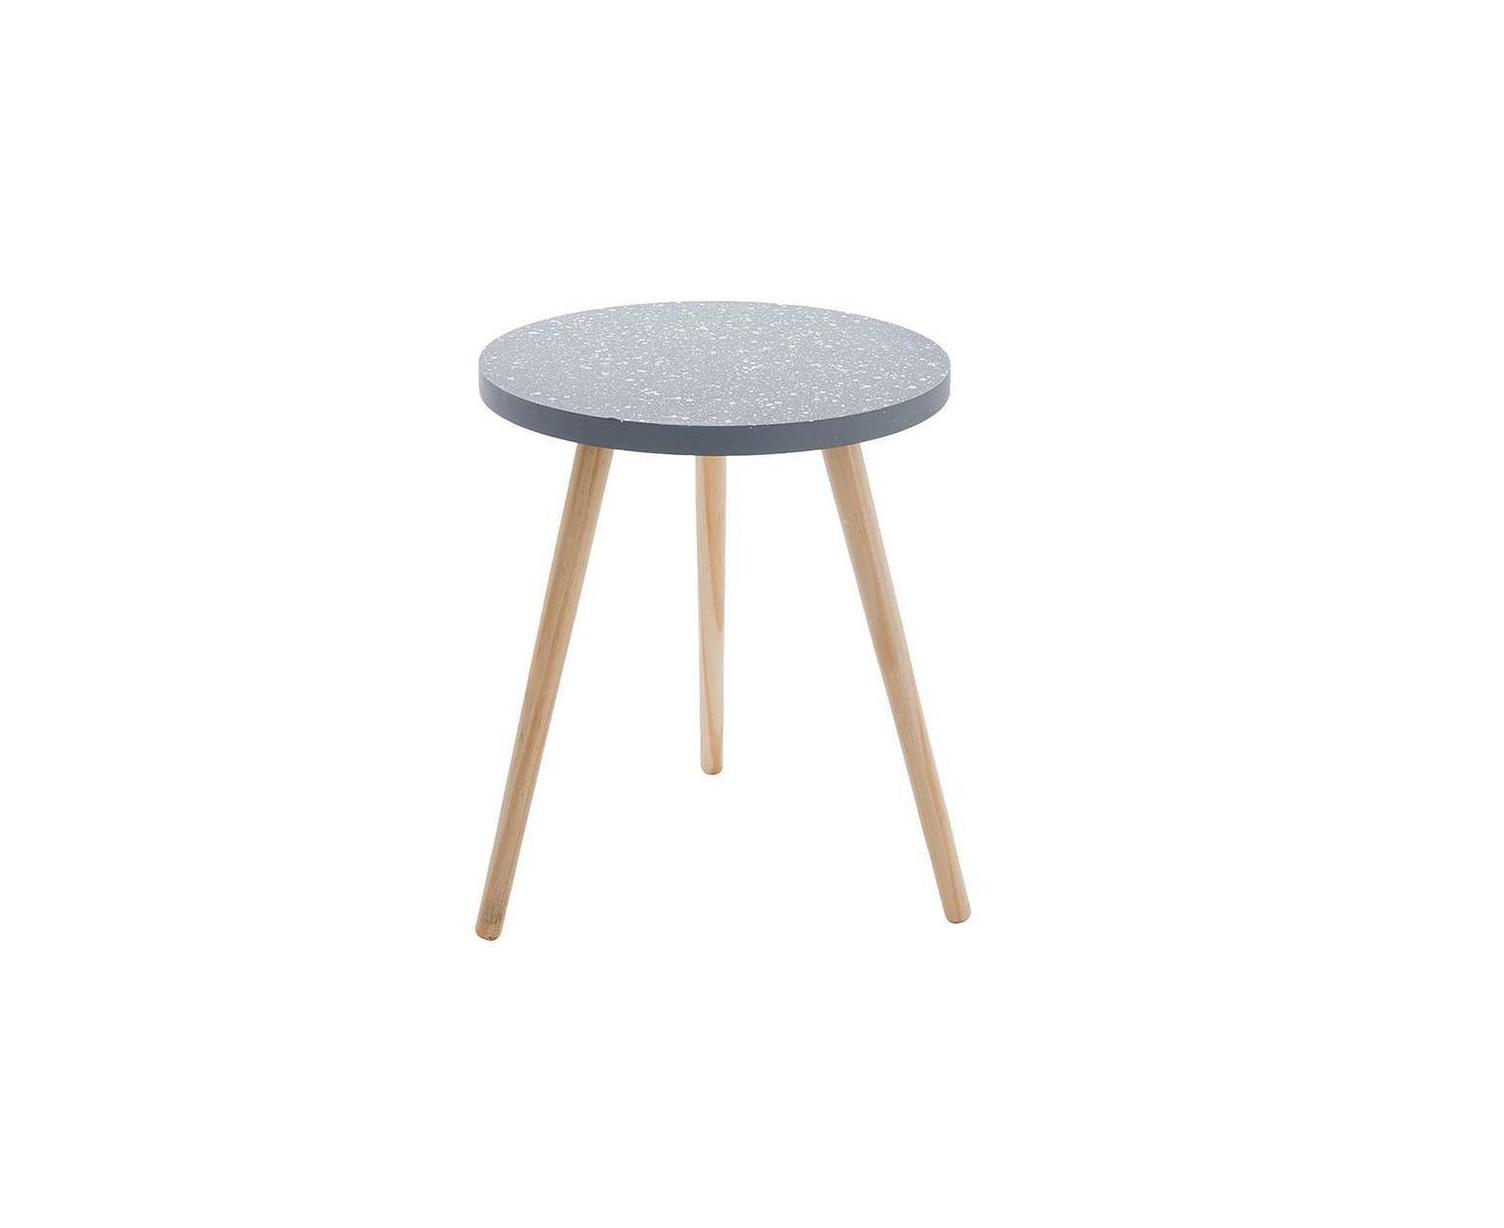 Сервировочный столик To4rooms 15441300 от thefurnish